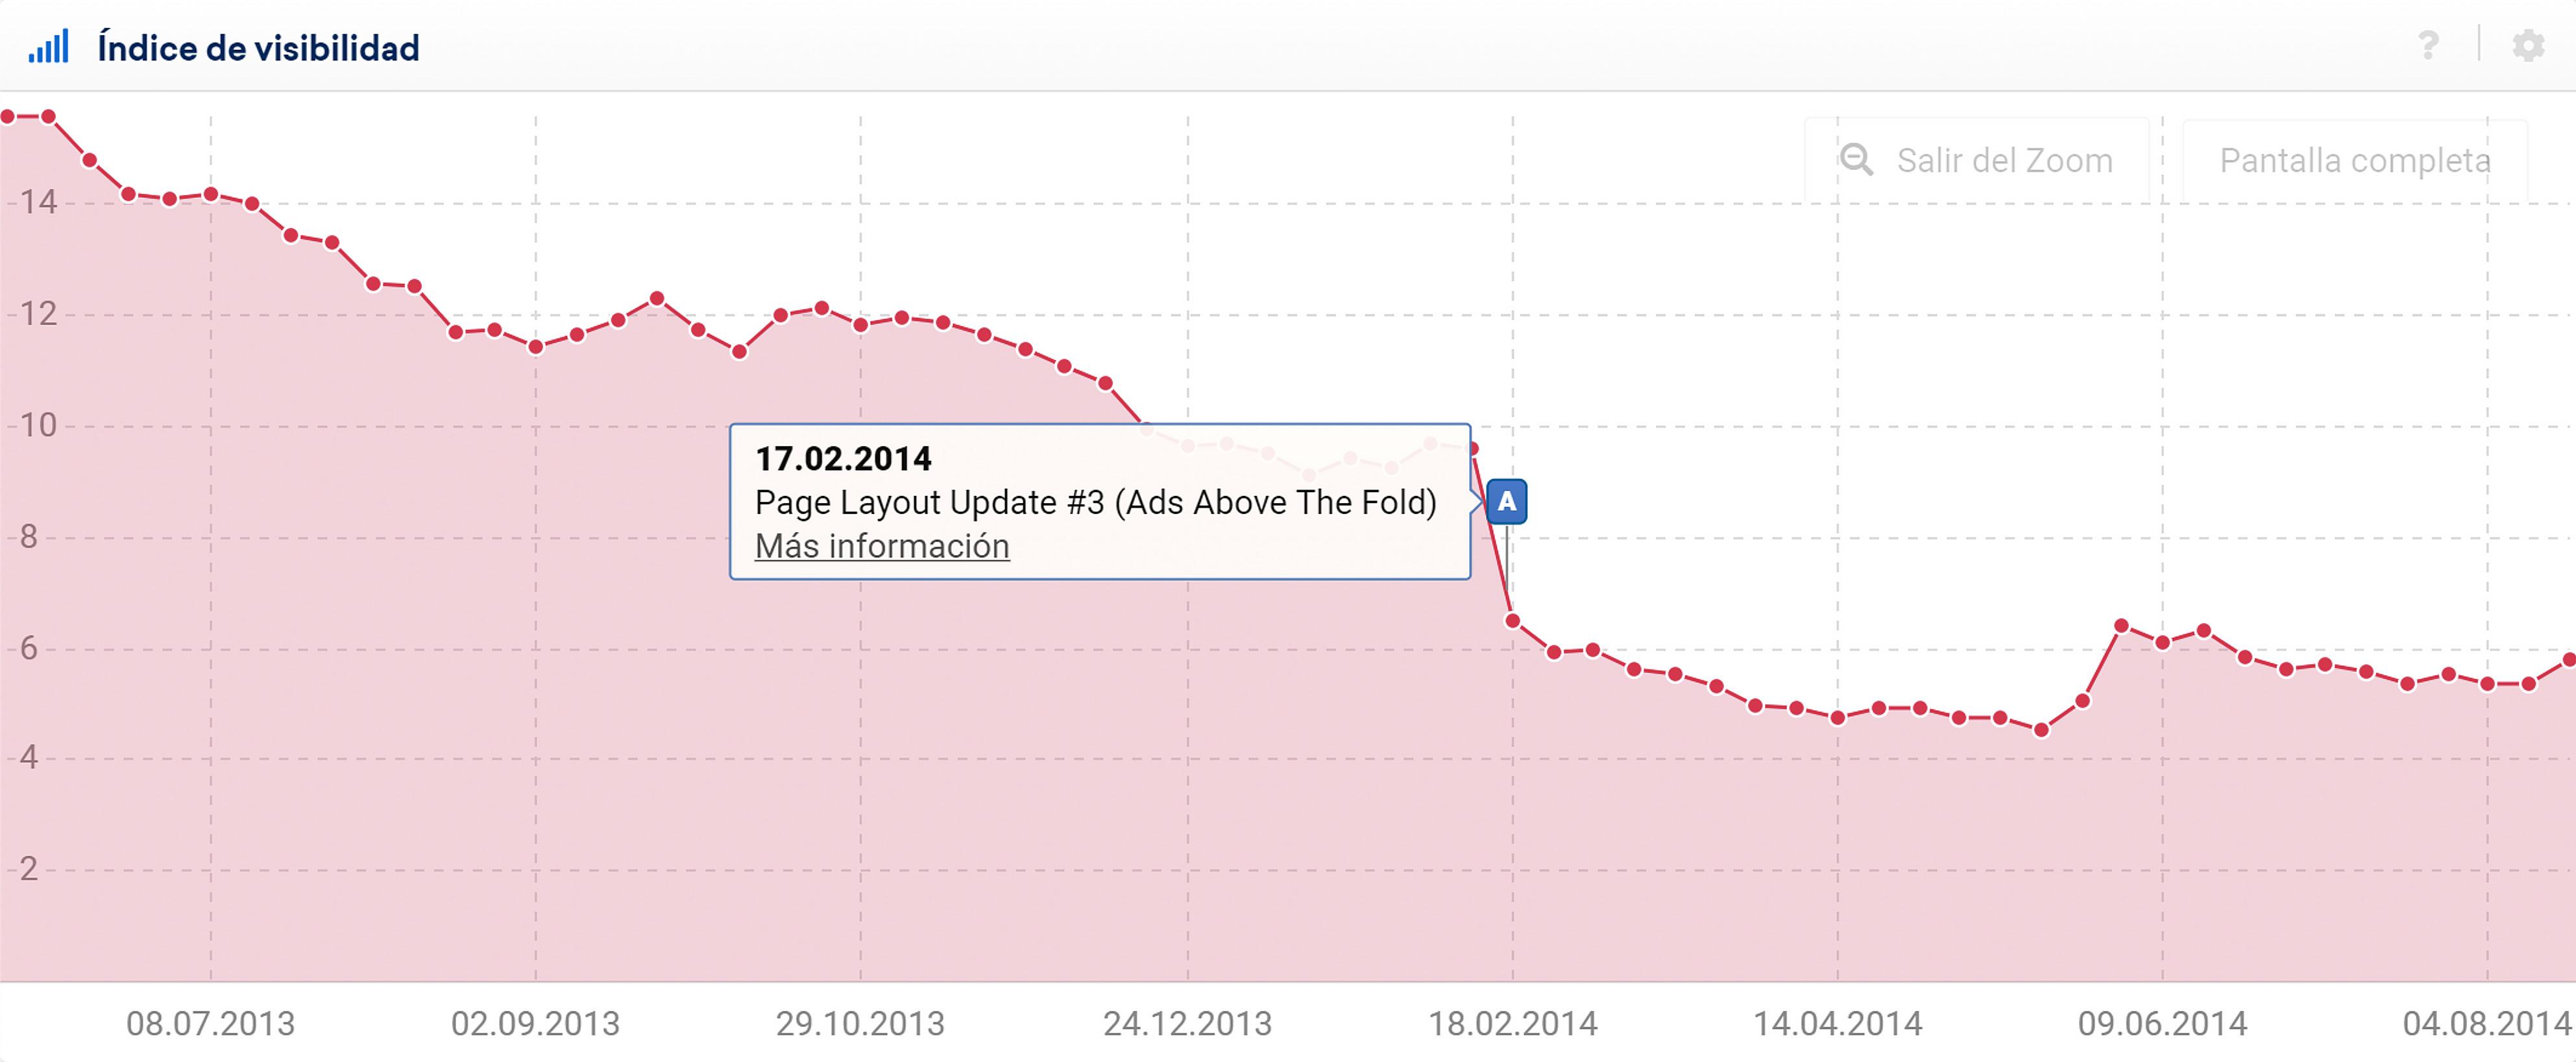 Gráfica del índice de visibilidad SISTRIX que muestra una pérdida de visibilidad a causa de una posible penalización del algoritmo Page Layout